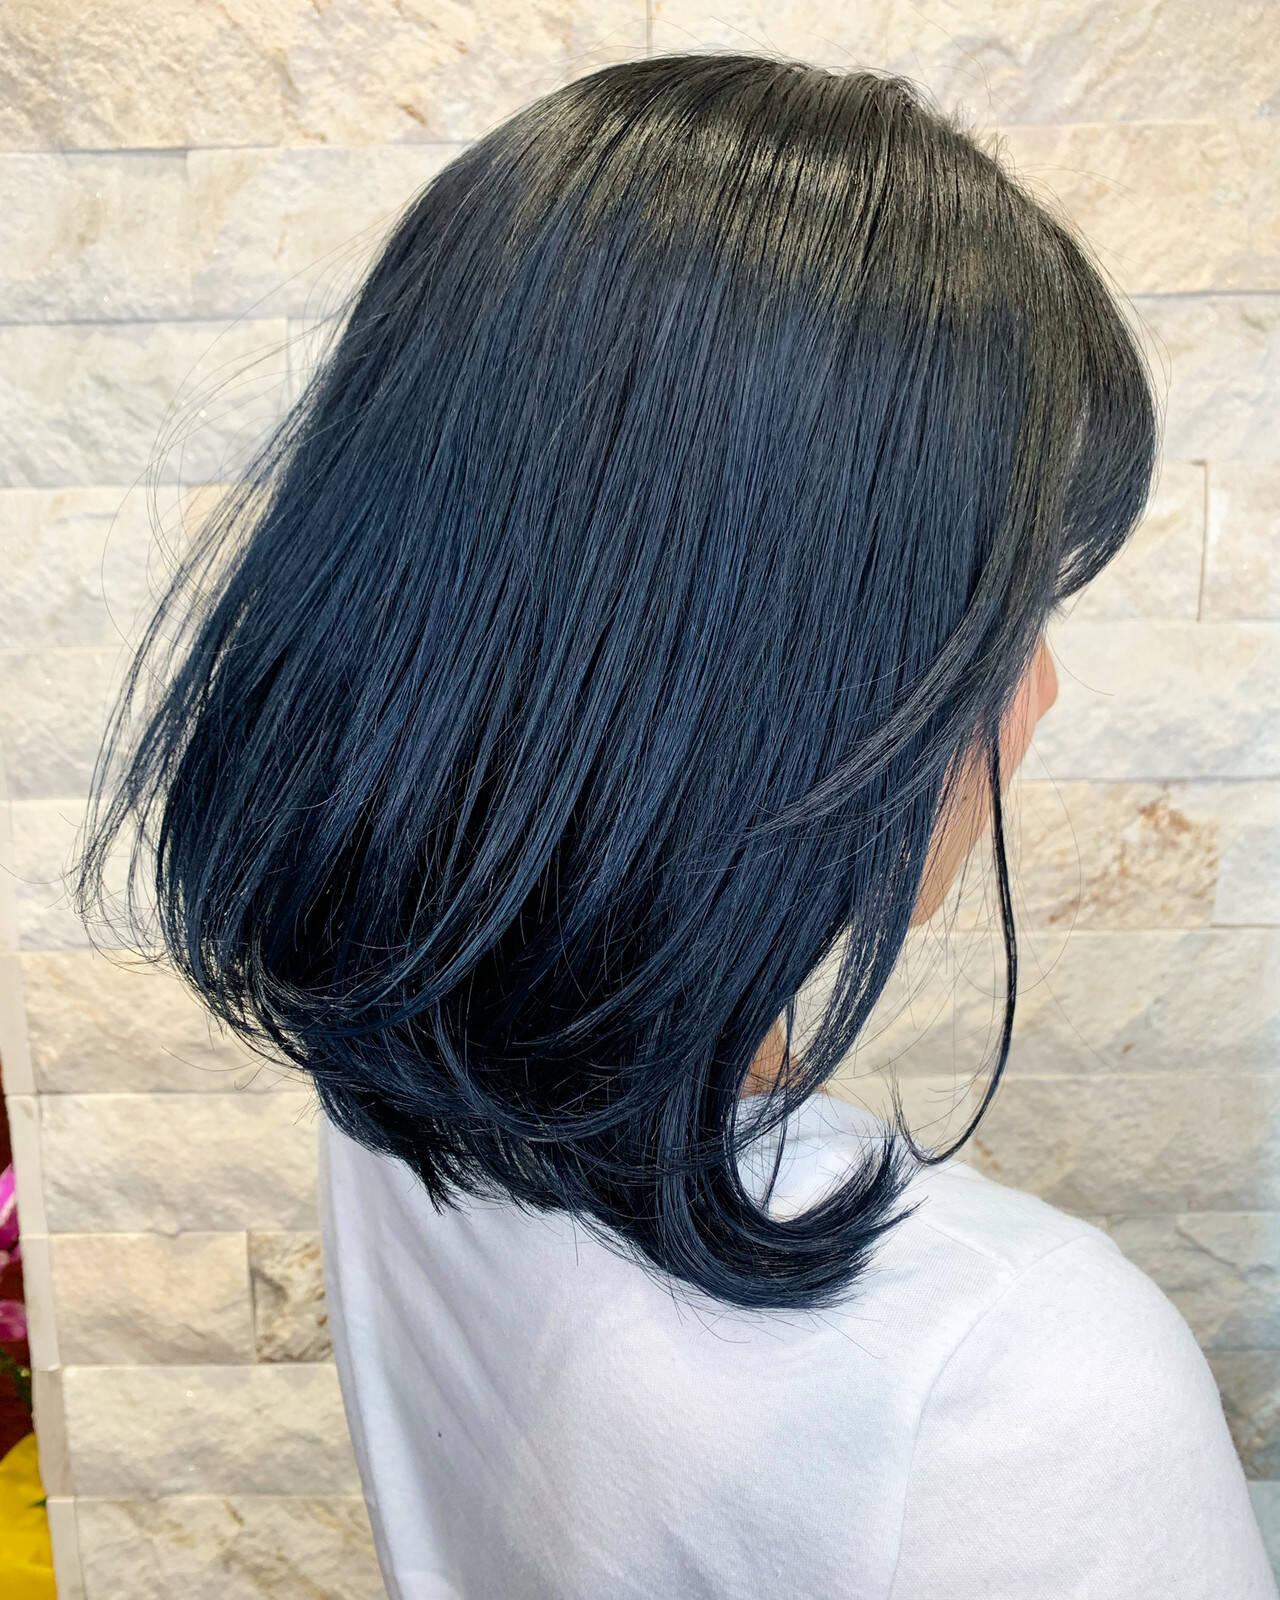 ボブ ネイビーアッシュ ストリート ネイビーカラーヘアスタイルや髪型の写真・画像